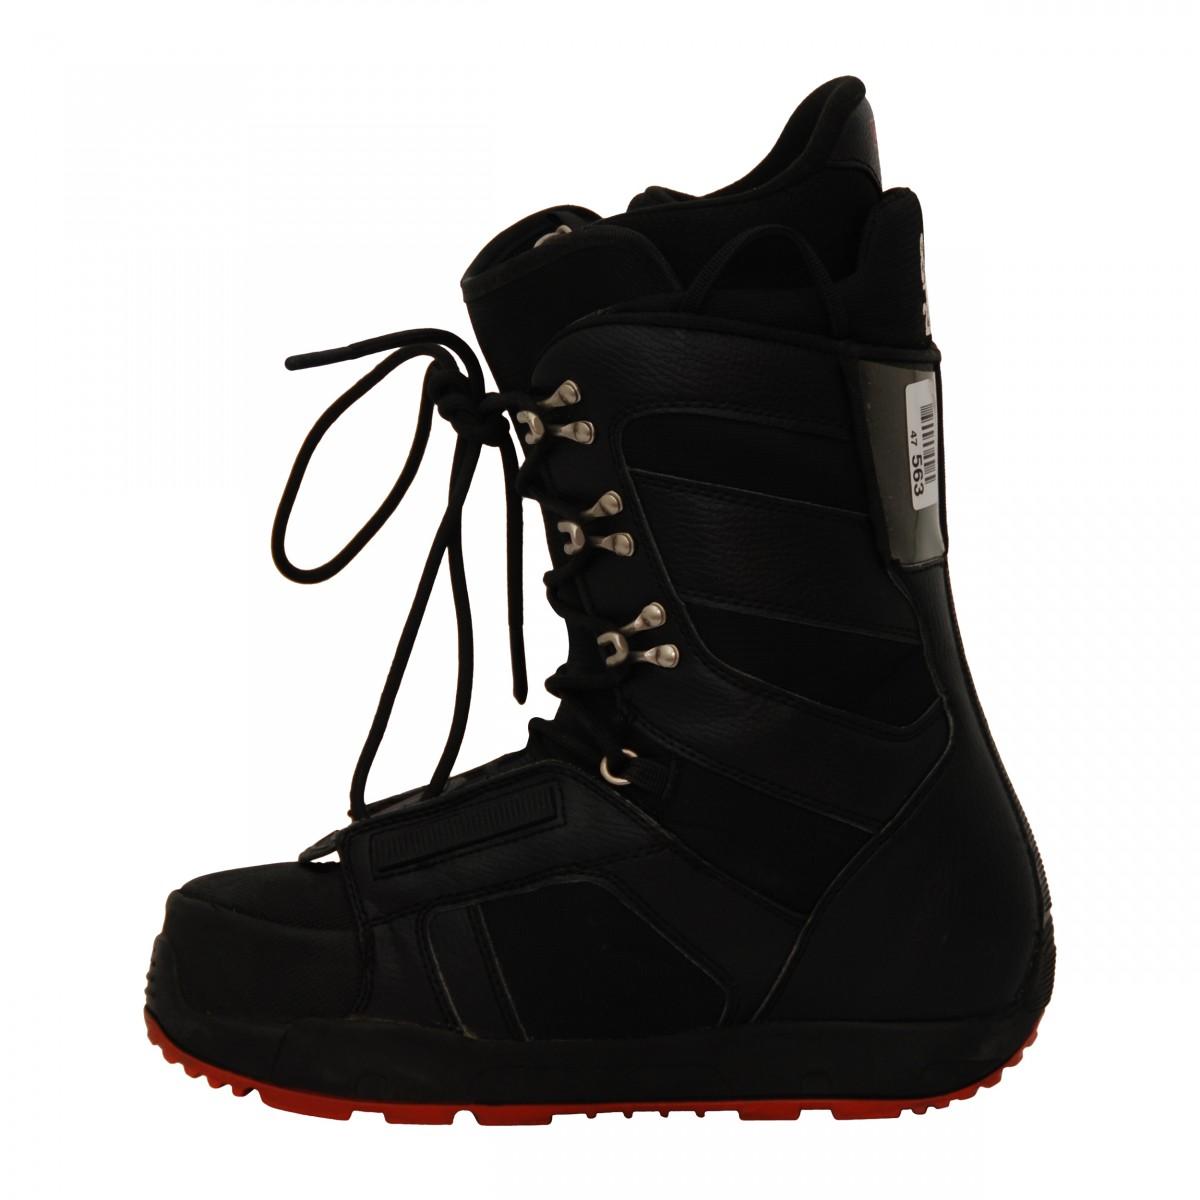 Boots-occasion-Burton-progression-noir-rouge miniature 4